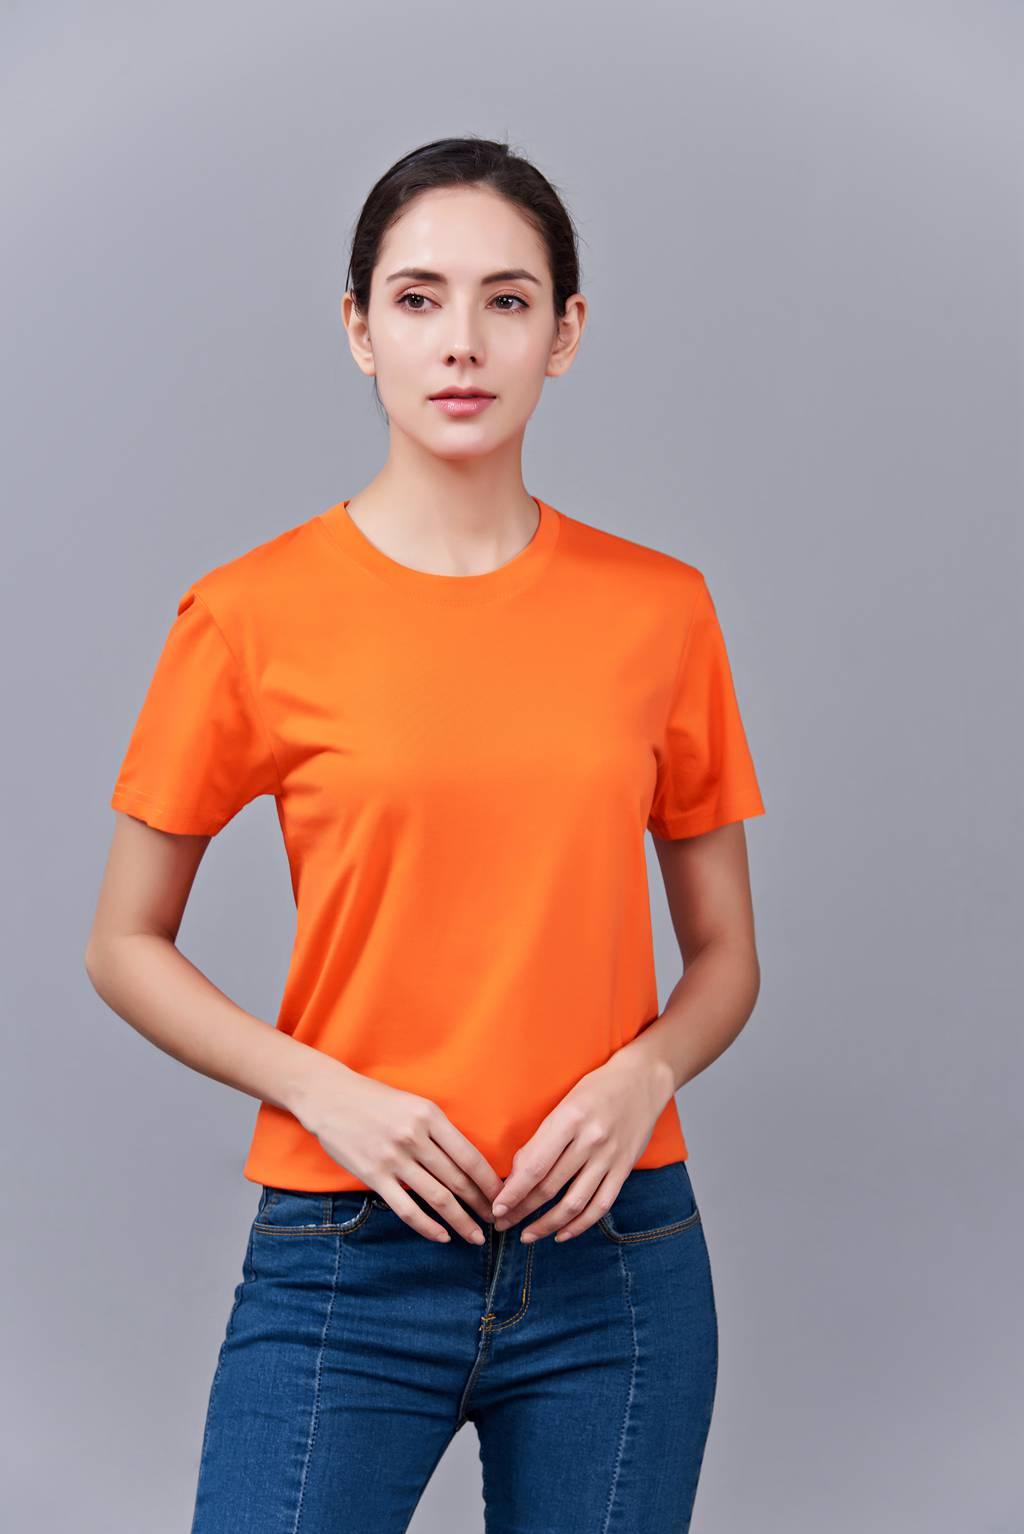 时尚新潮短袖上衣 橘侣款亲子款休闲T恤订制